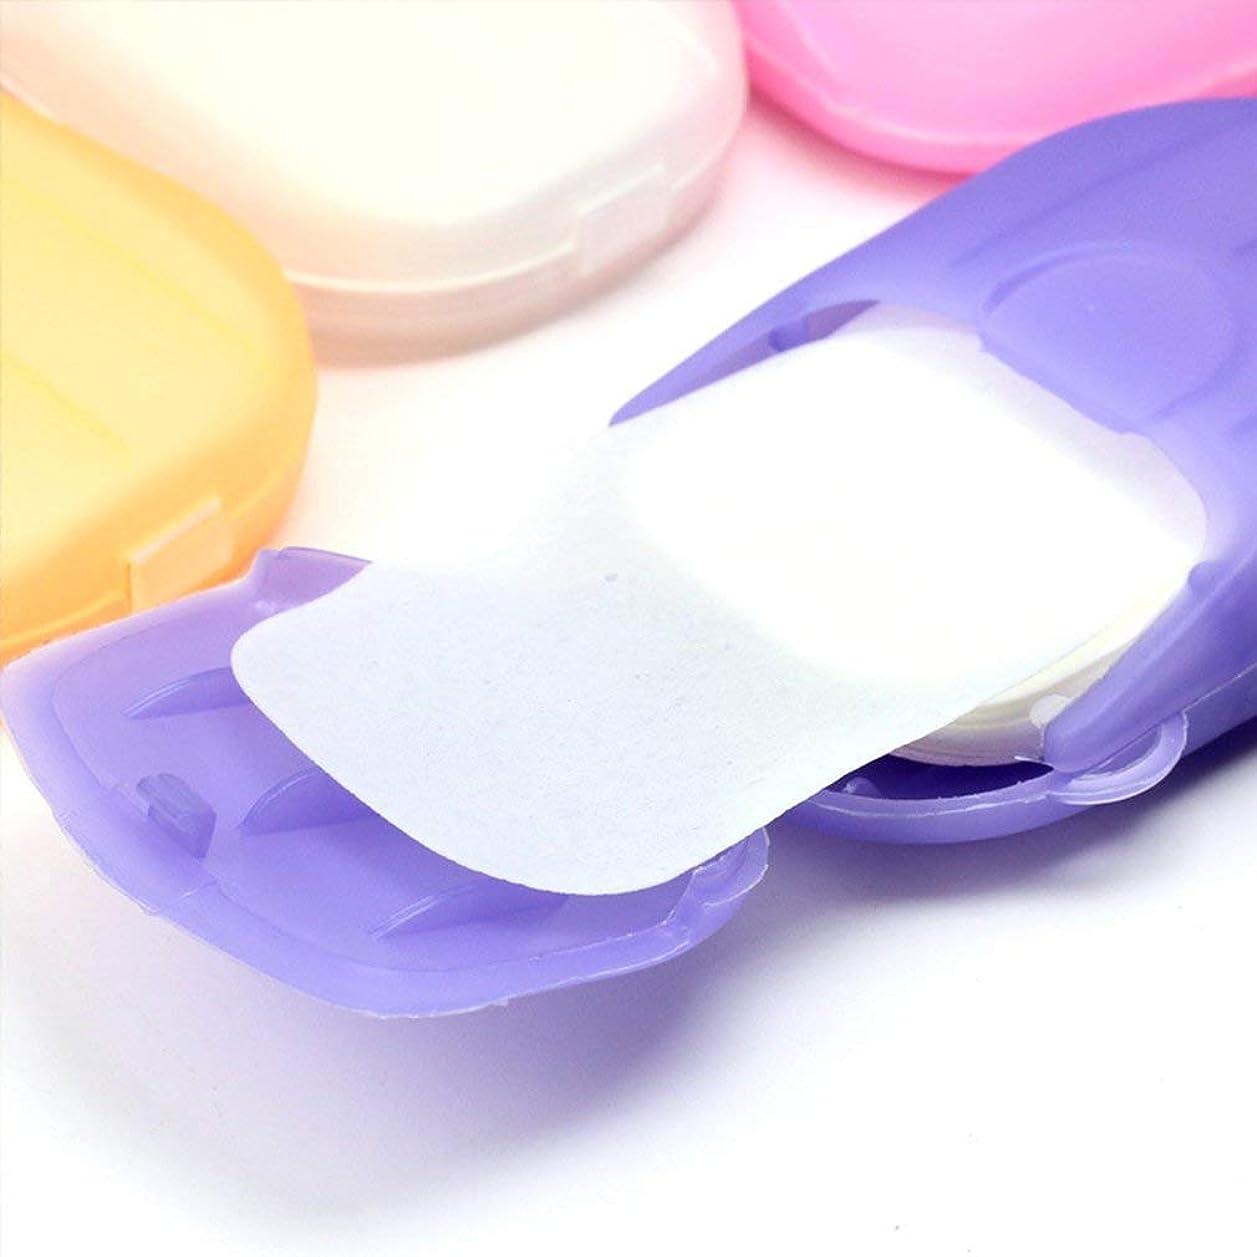 浸透する上へインフラ1PCS小型携帯手洗い石鹸フレークランダムカラー